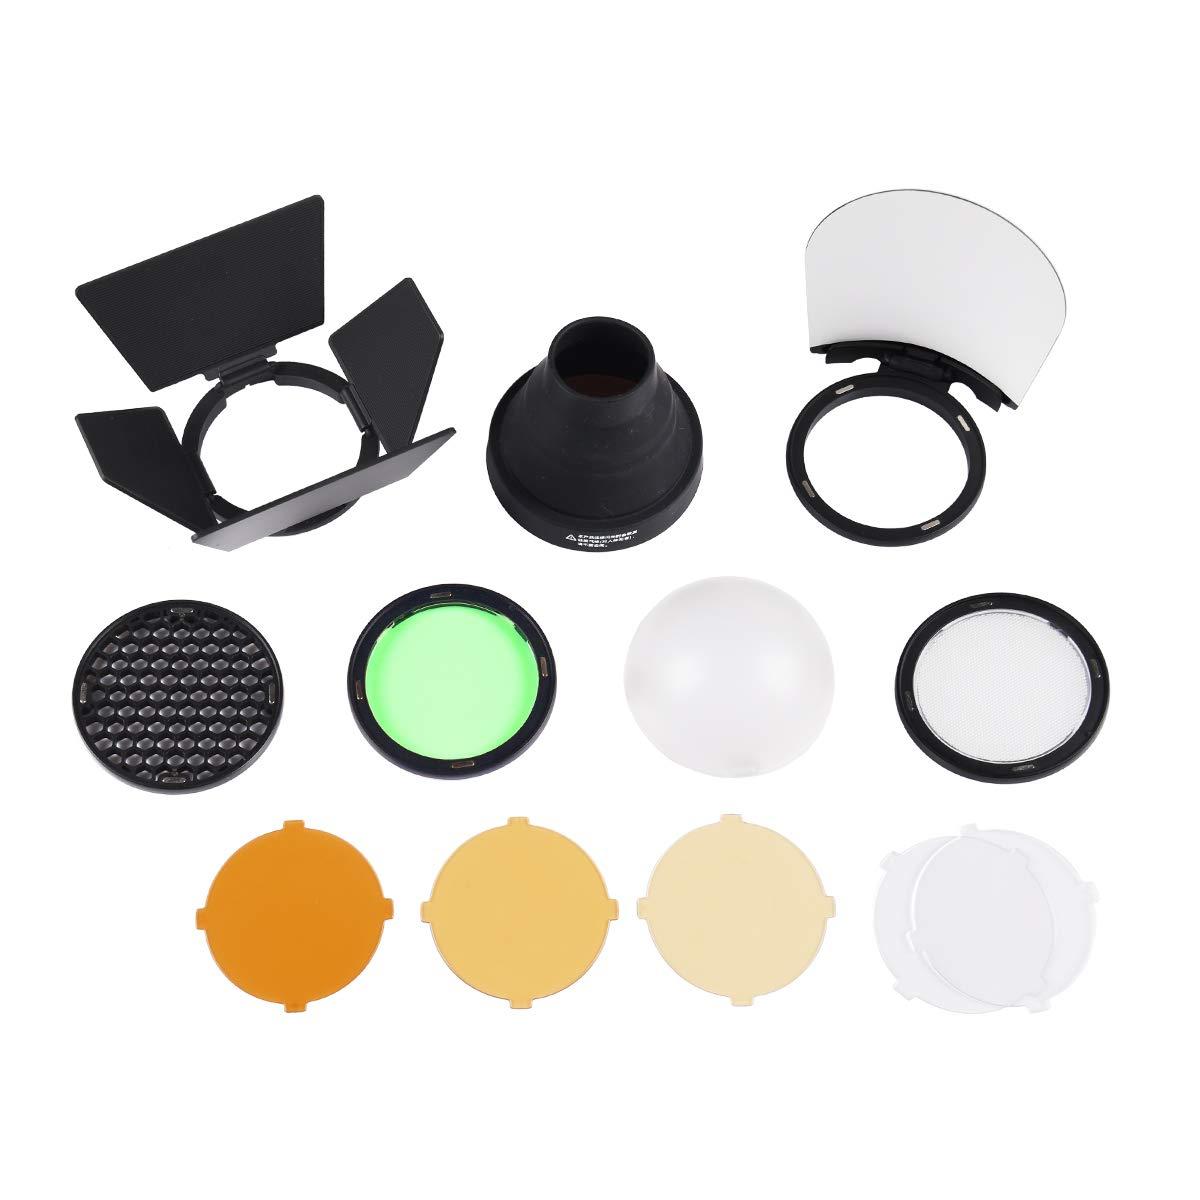 Godox AK-R1 Kit for Godox H200R Round Flash Head, AD200 Pocket Flash Accessories